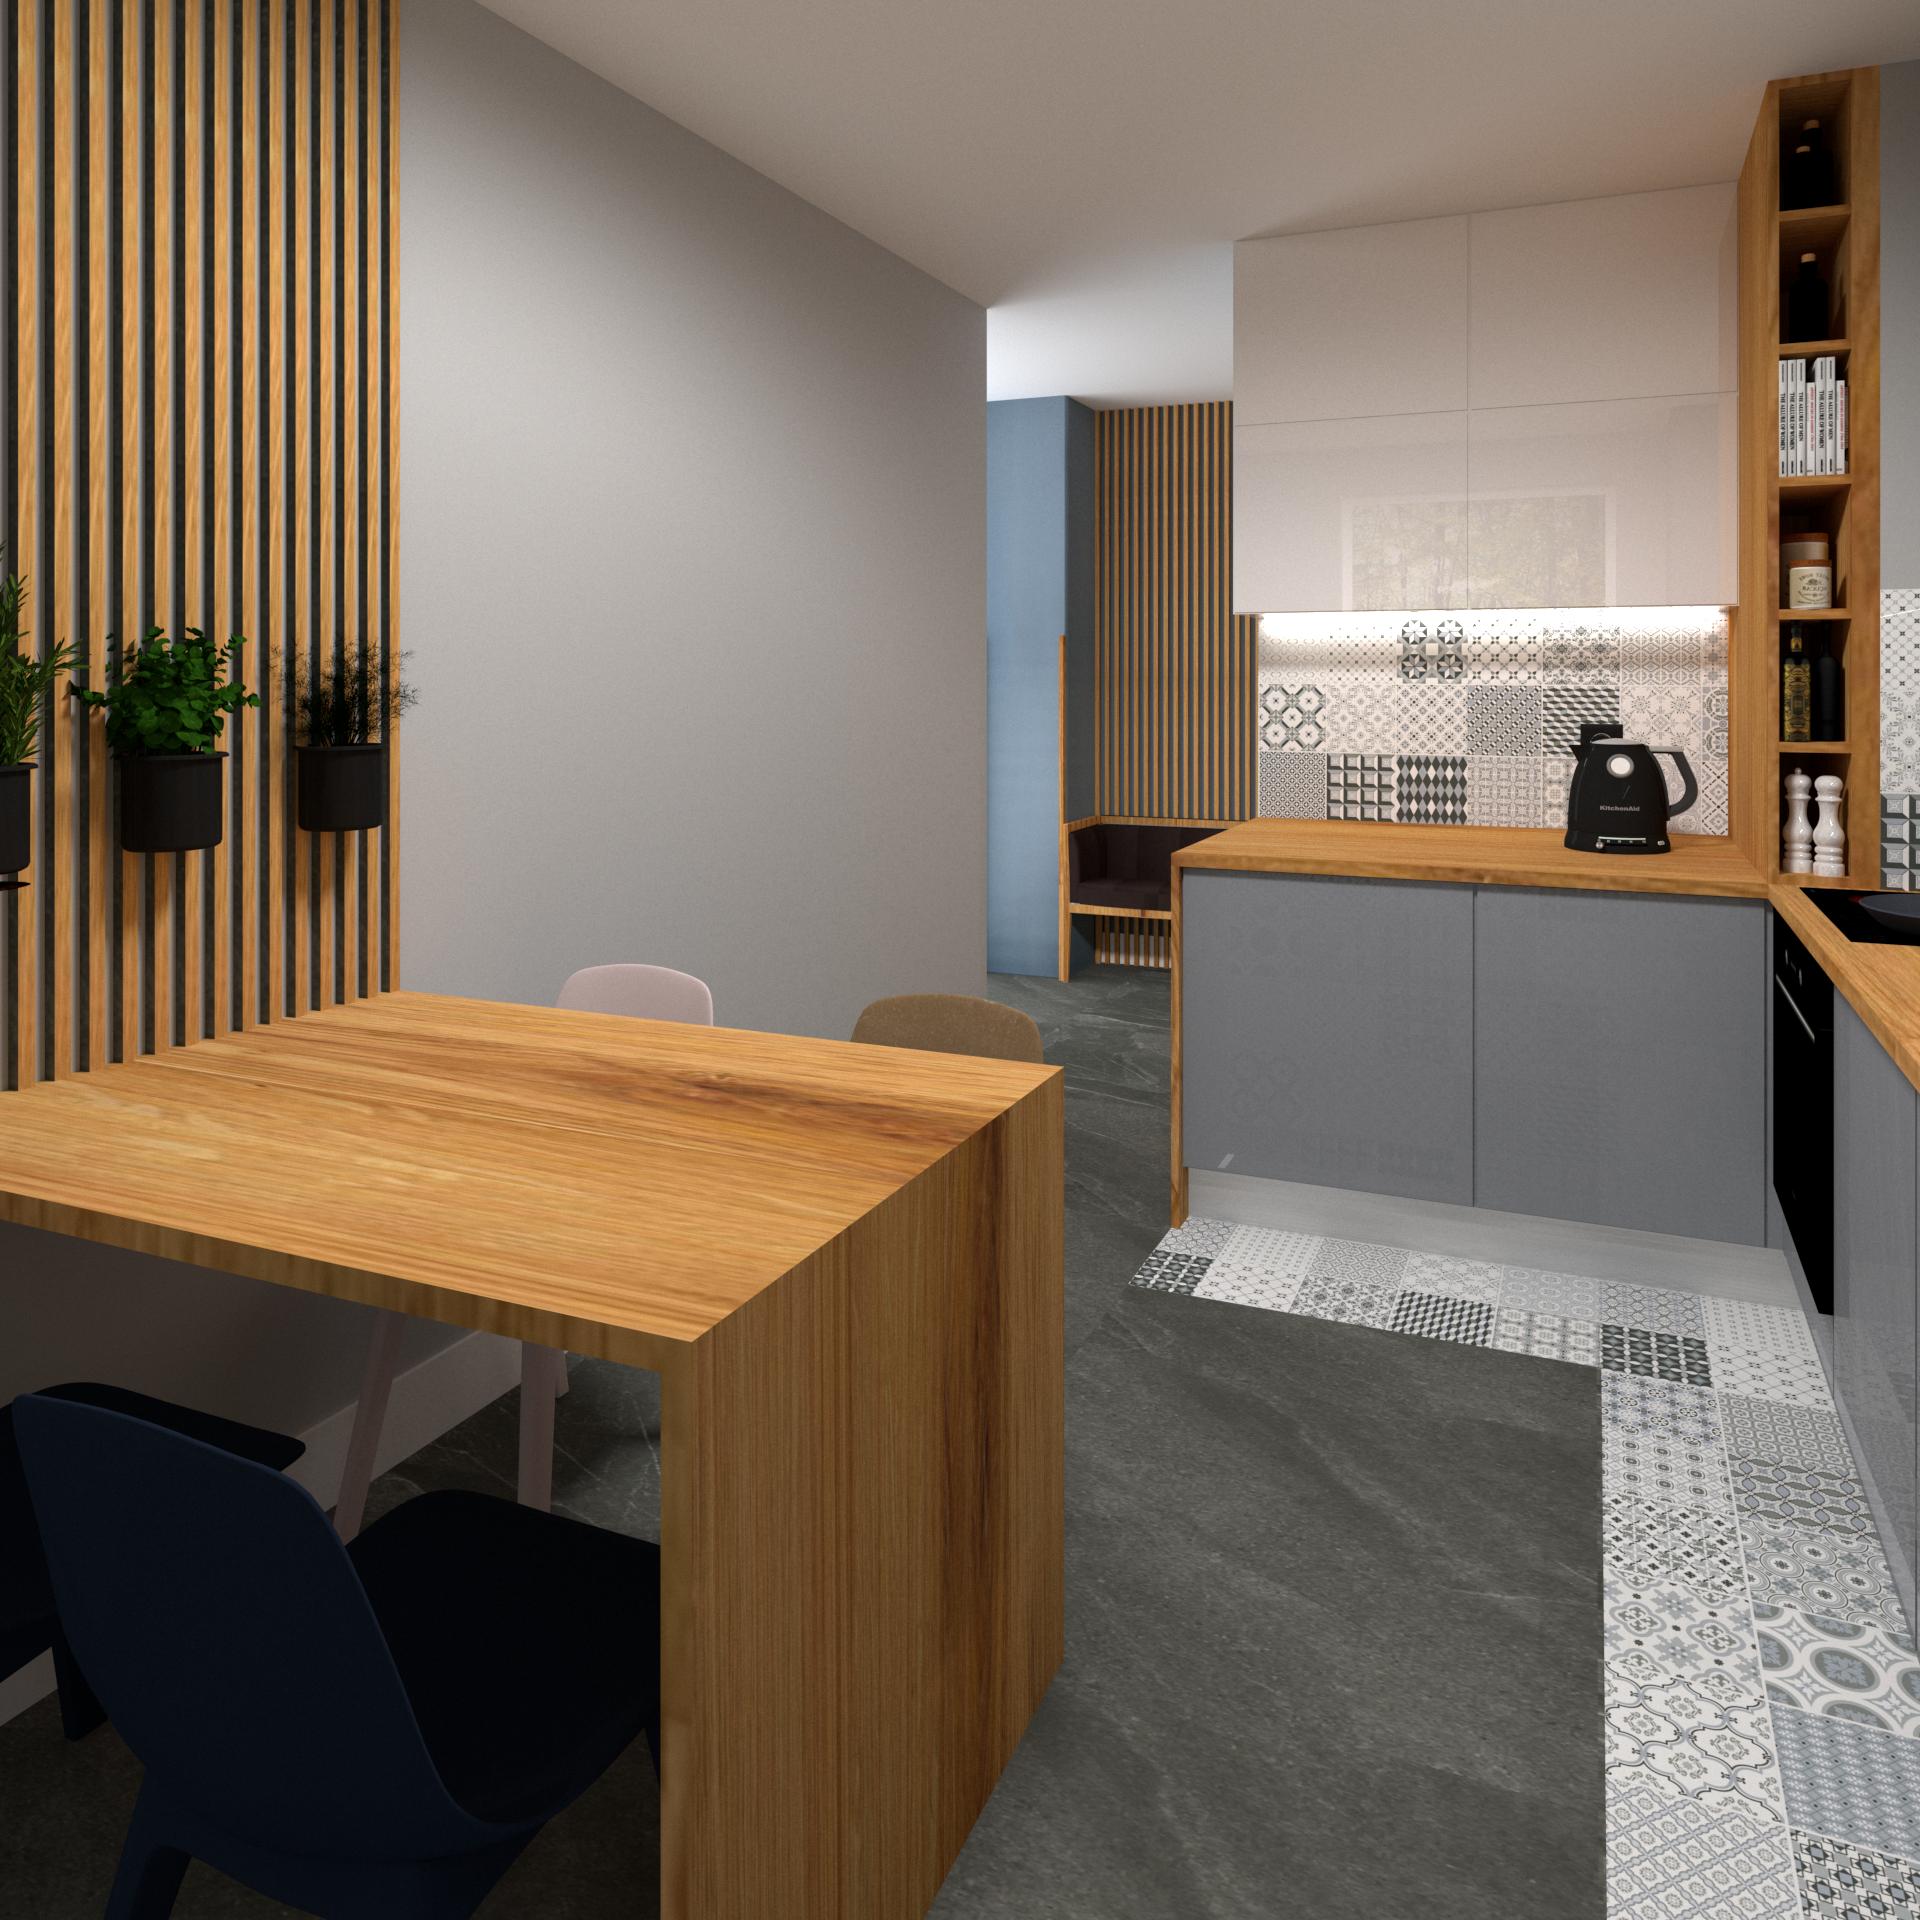 Rzadko Zdarza Sie Aby W Nowym Budownictwie Kuchnia Byla Wydzielona Jako Osobne Pomieszczenie Tutaj Bardzo Dobrze Doswietlona Przes Home Decor Room Furniture